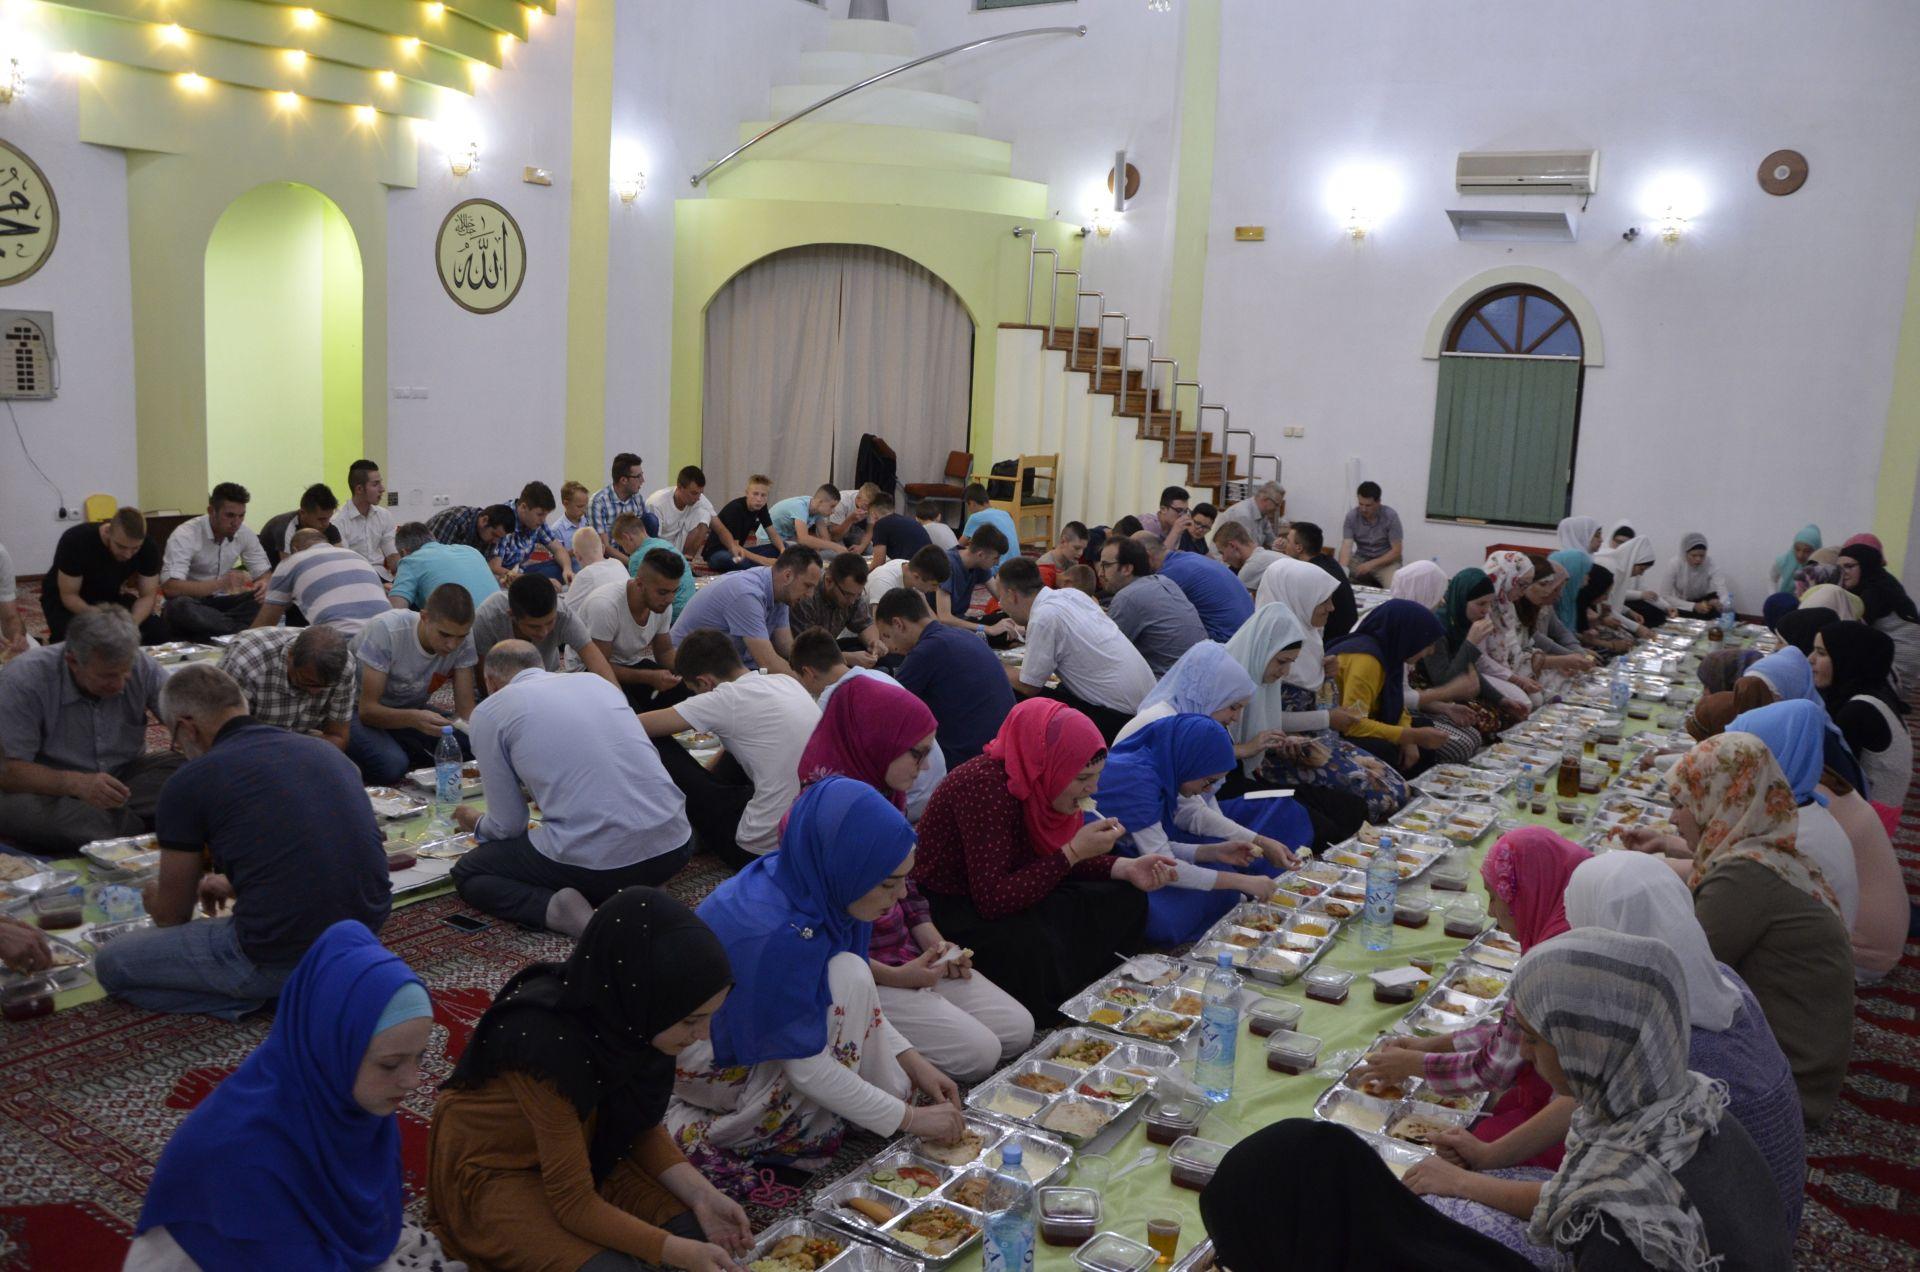 Odzak, iftar u organizaciji Fondacije Izvor nade 2017.